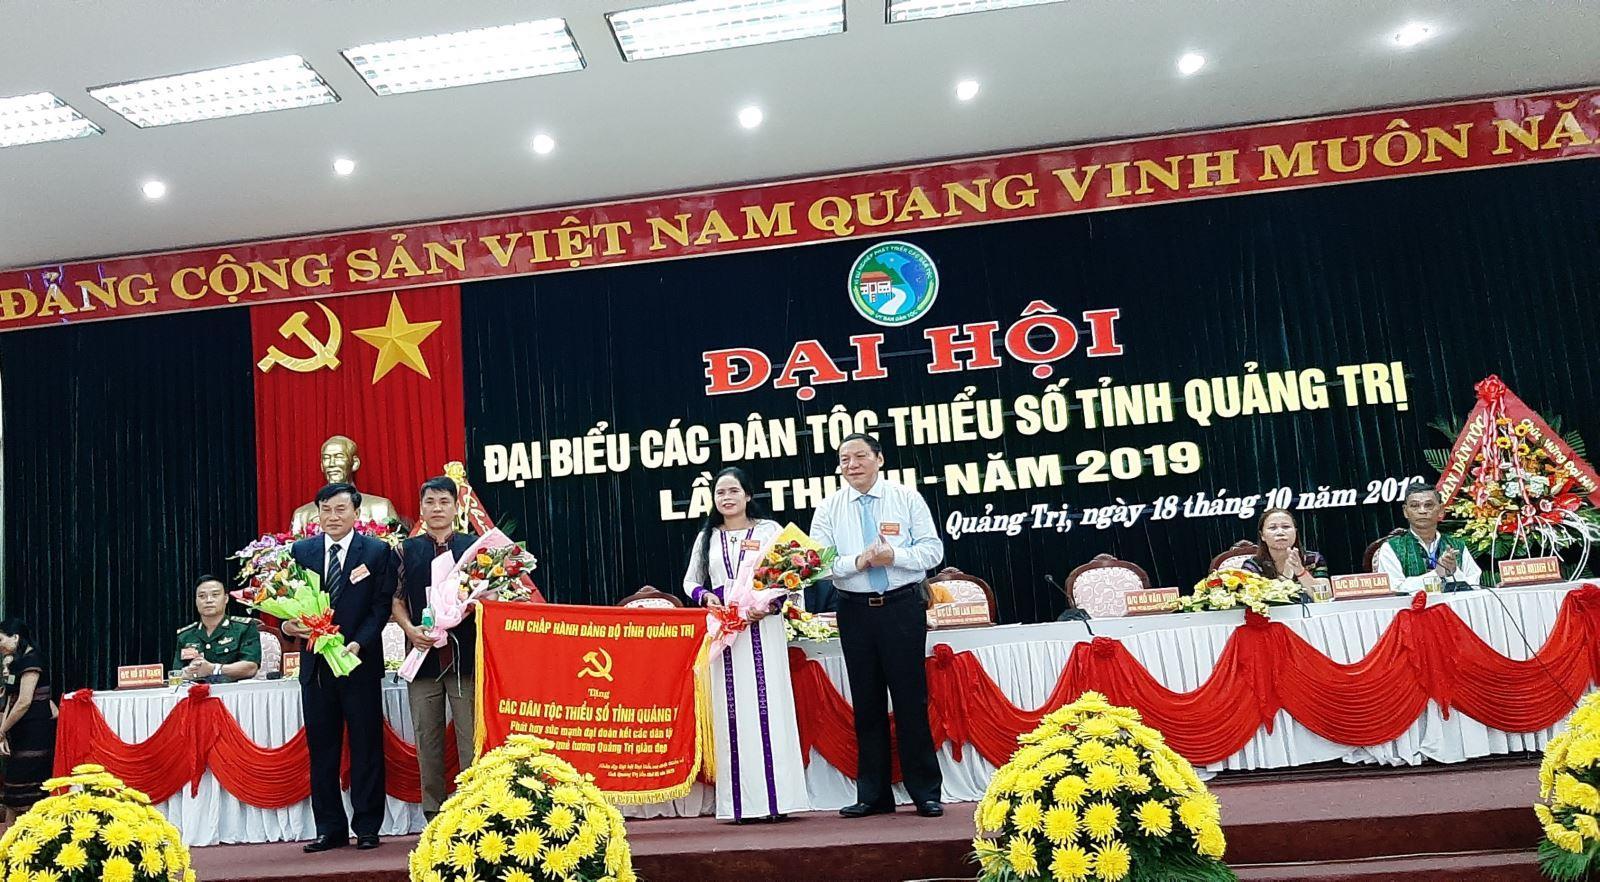 Đại hội đại biểu Các dân tộc thiểu số tỉnh Quảng Trị lần thứ III năm 2019